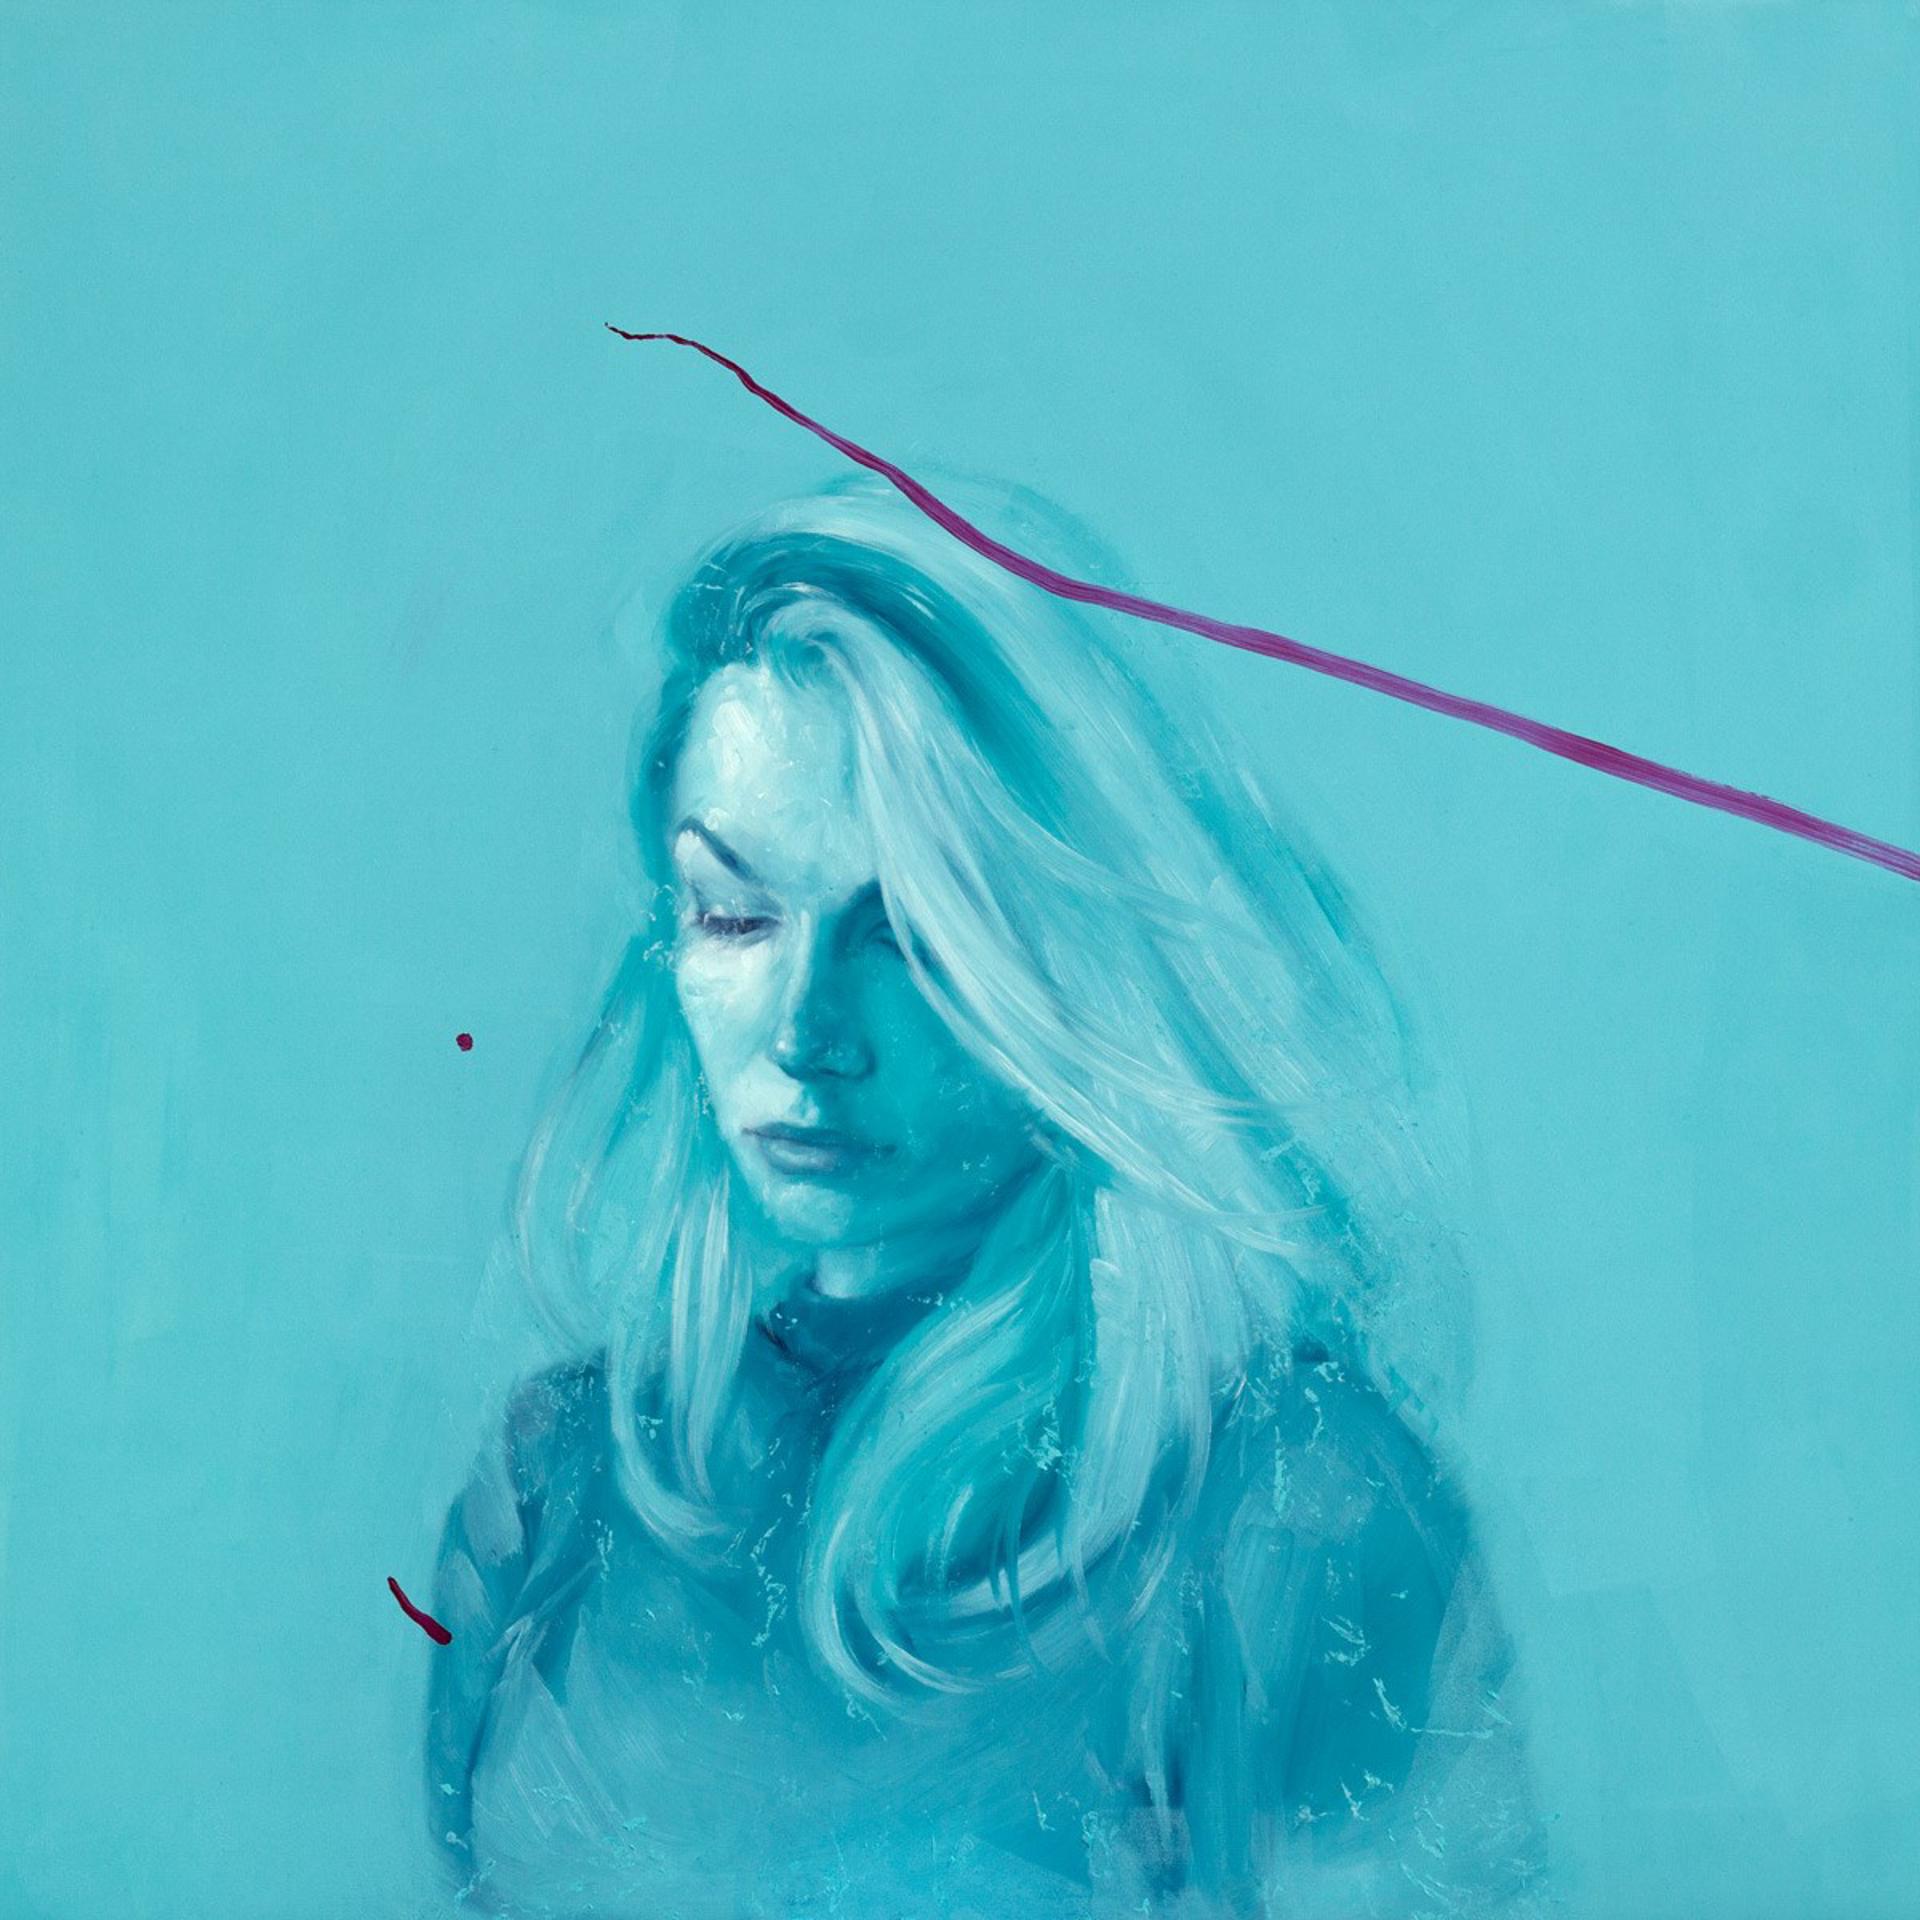 K in Turquoise by Valentin Fischer